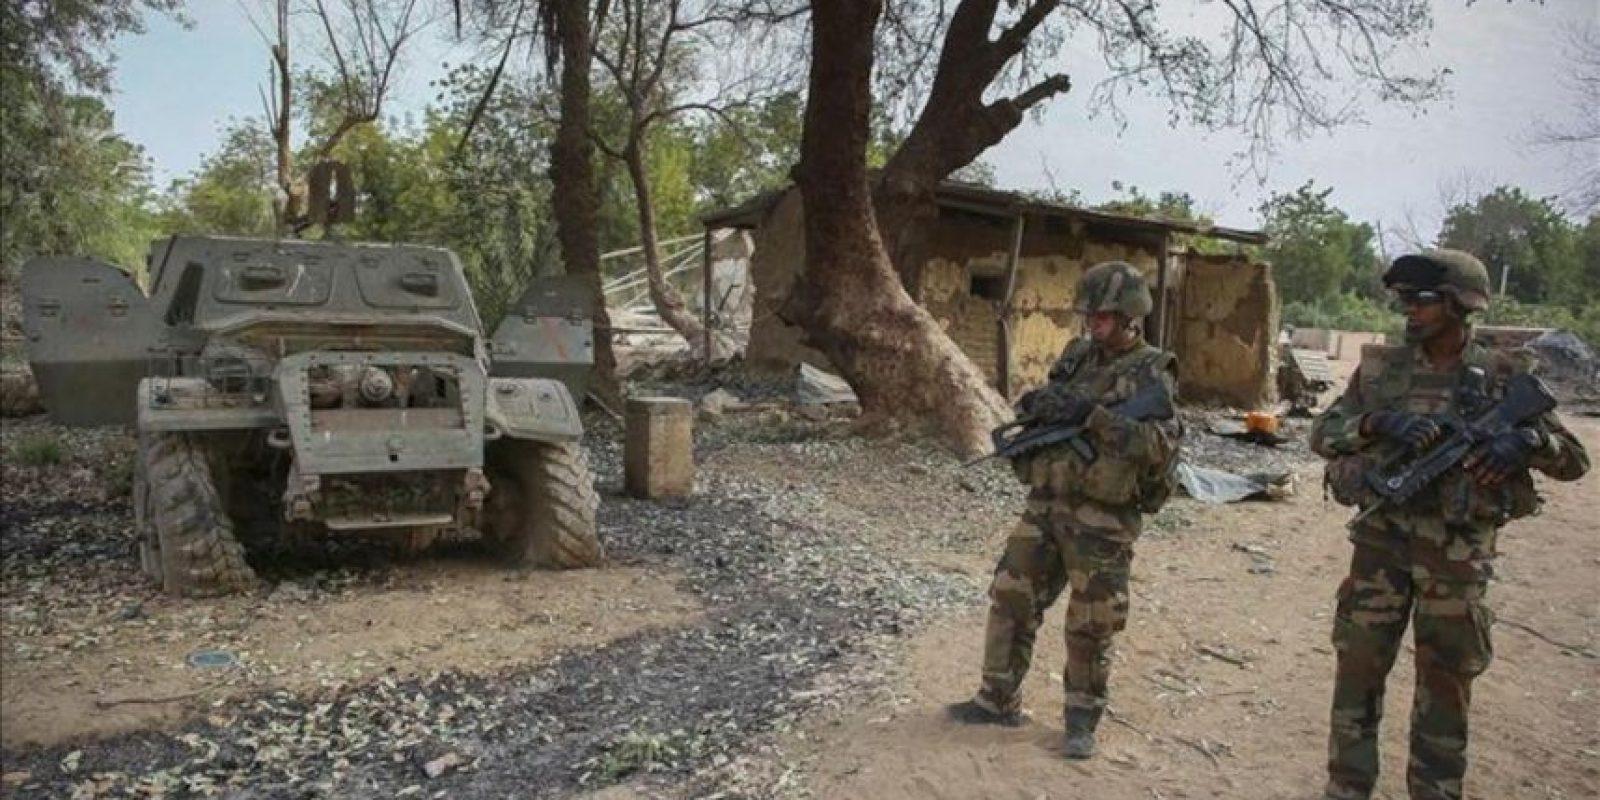 Soldados franceses patrullan un cmpamento militar de islamistas en la recién liberada localidad de Dibali (Mali) el pasado miércoles. EFE